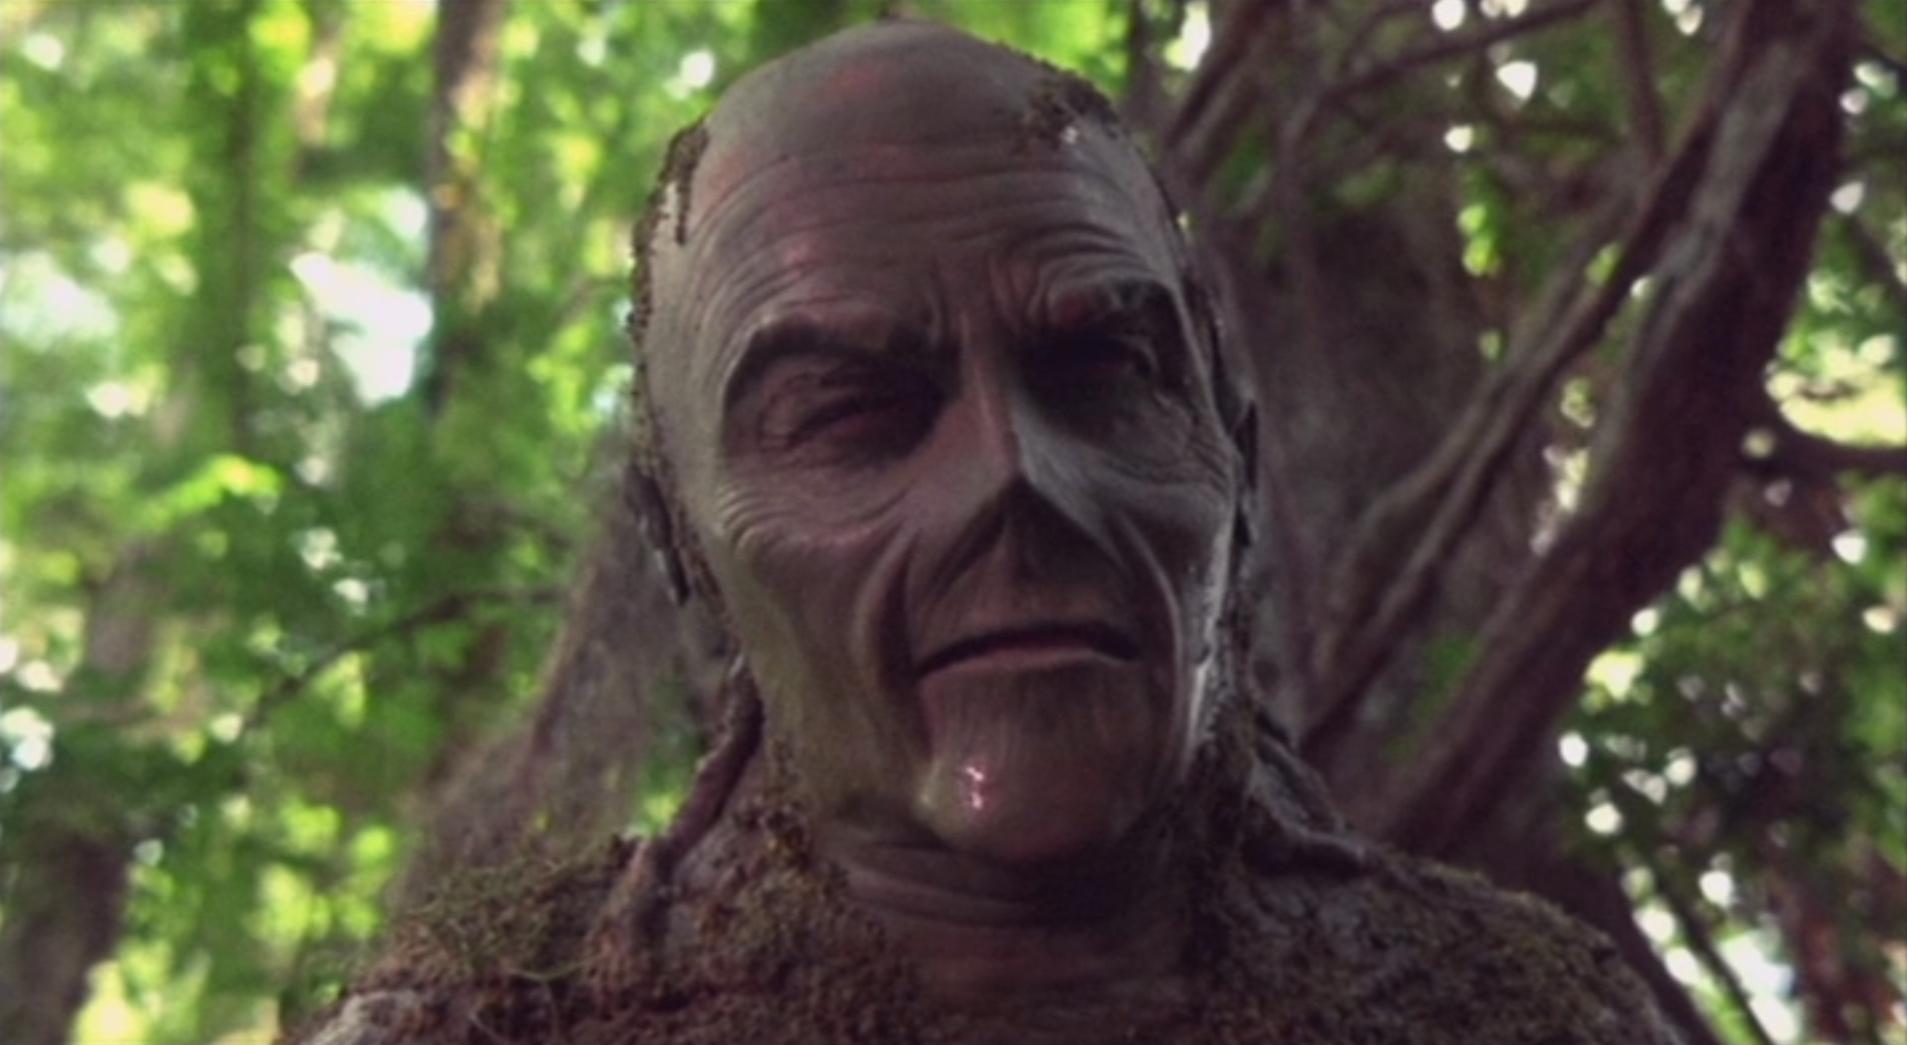 Swamp Thing image film